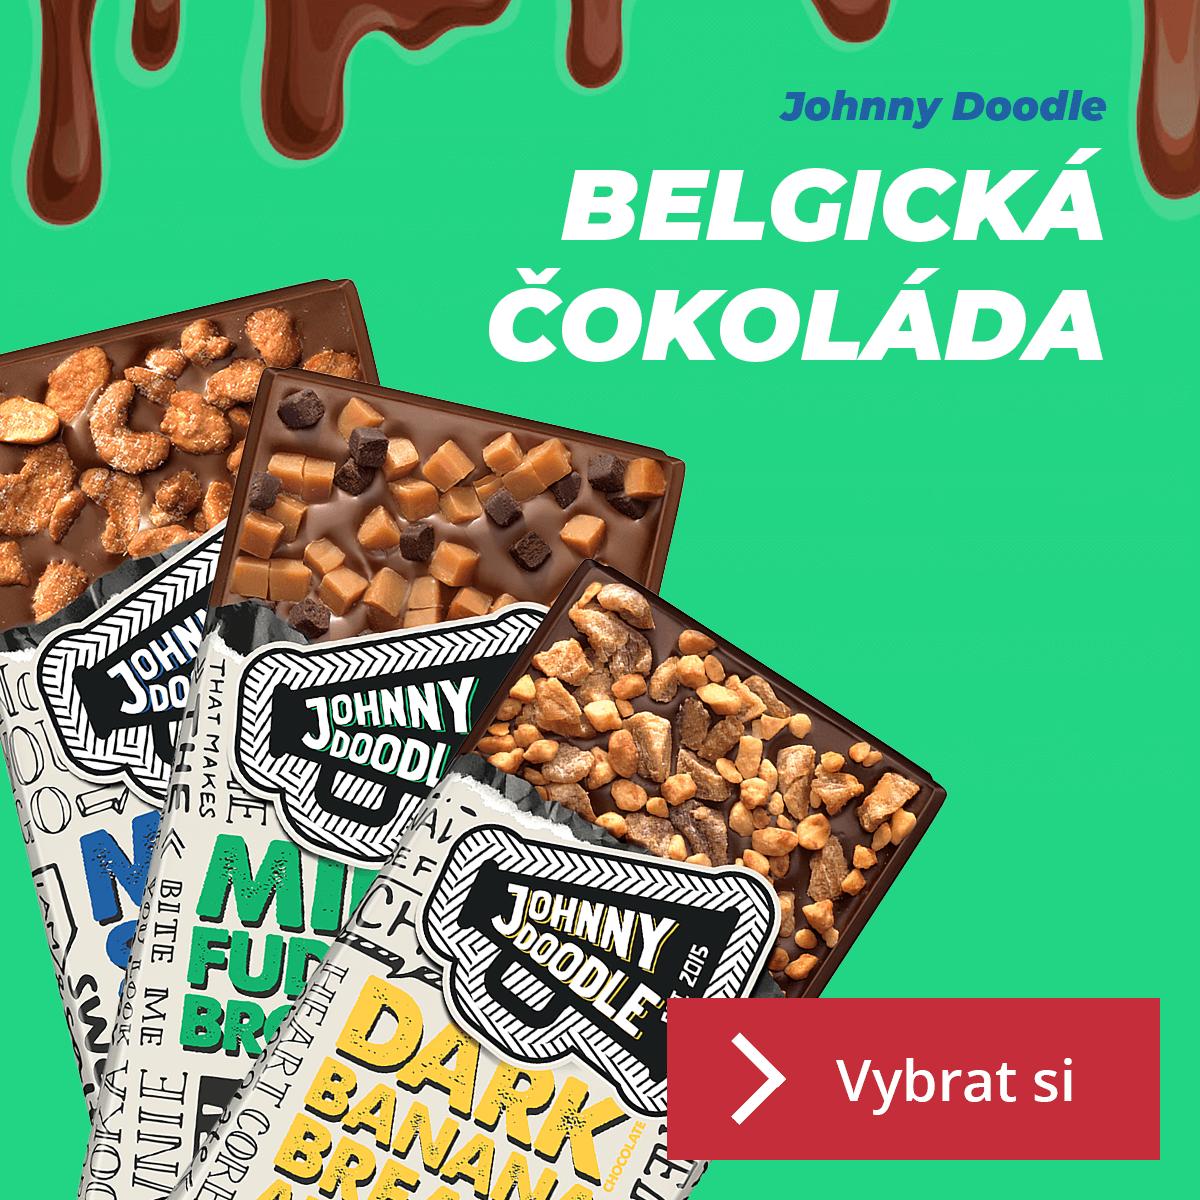 Čokolády Johnny Doodle